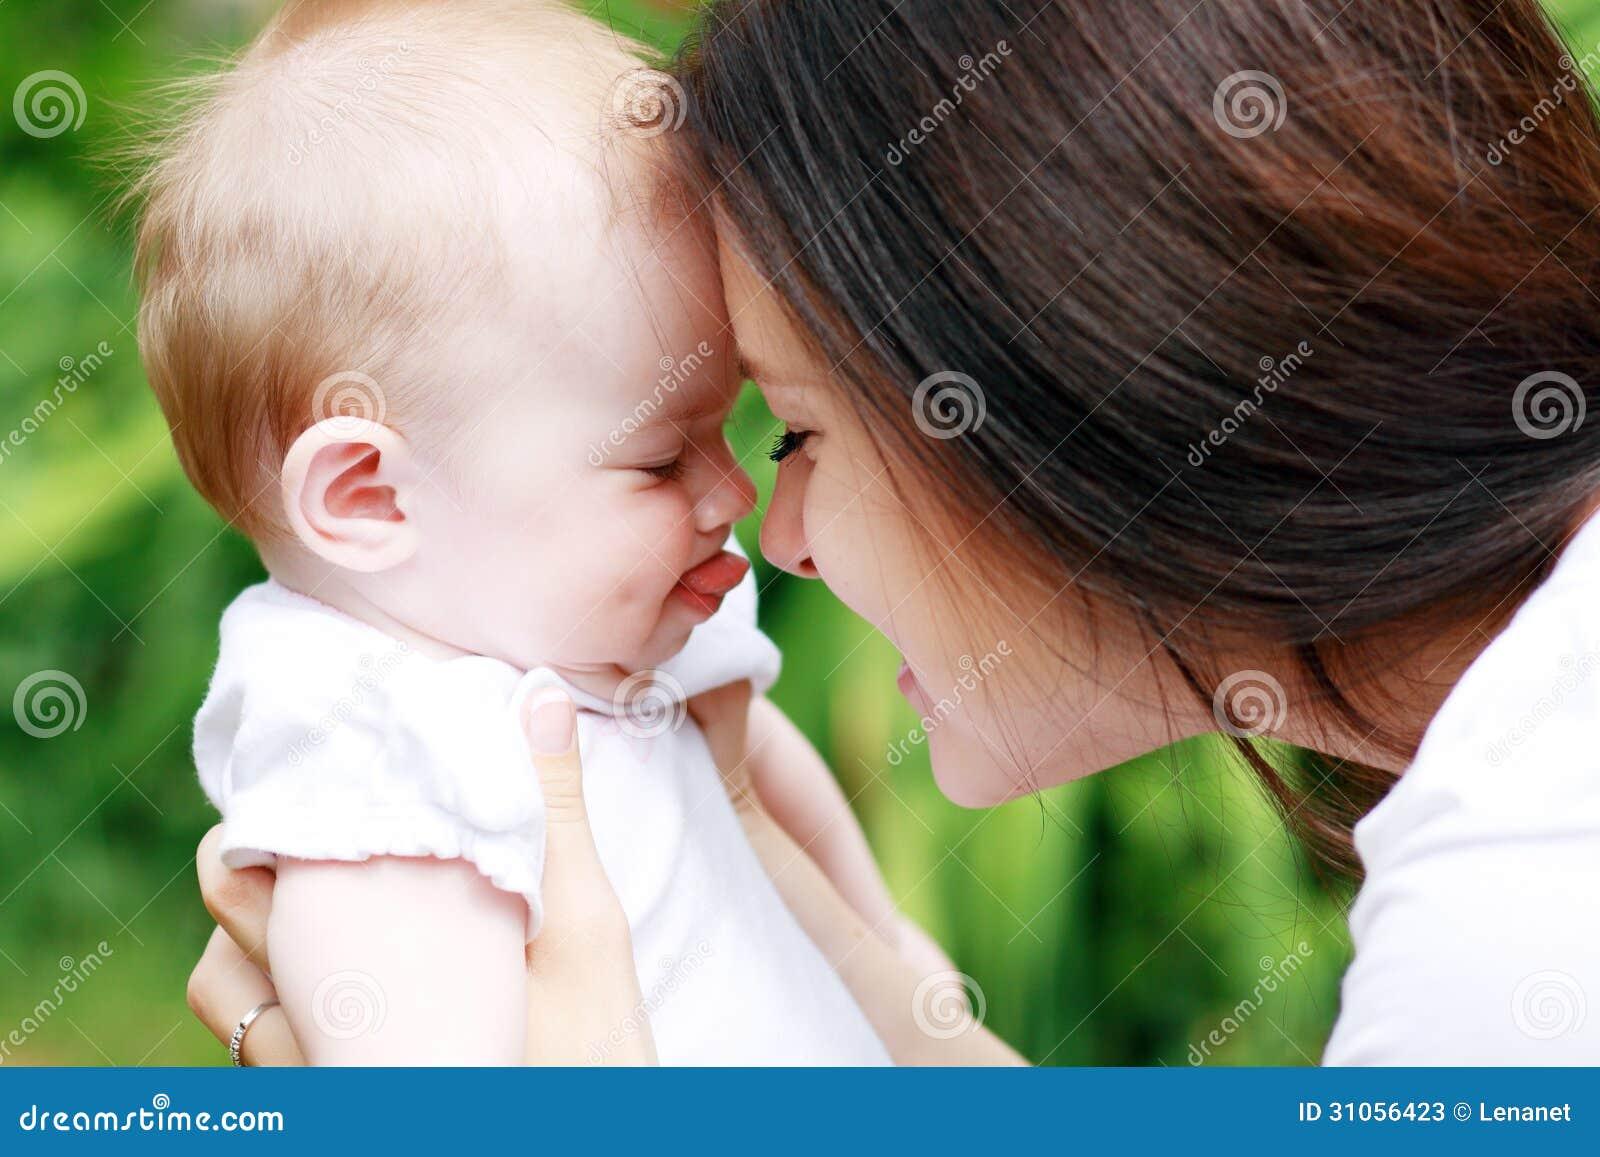 年轻的母亲3图片图库_年轻母亲1在线播放_年轻的母亲1韩国_年轻母亲1电影截图-圈子 ...